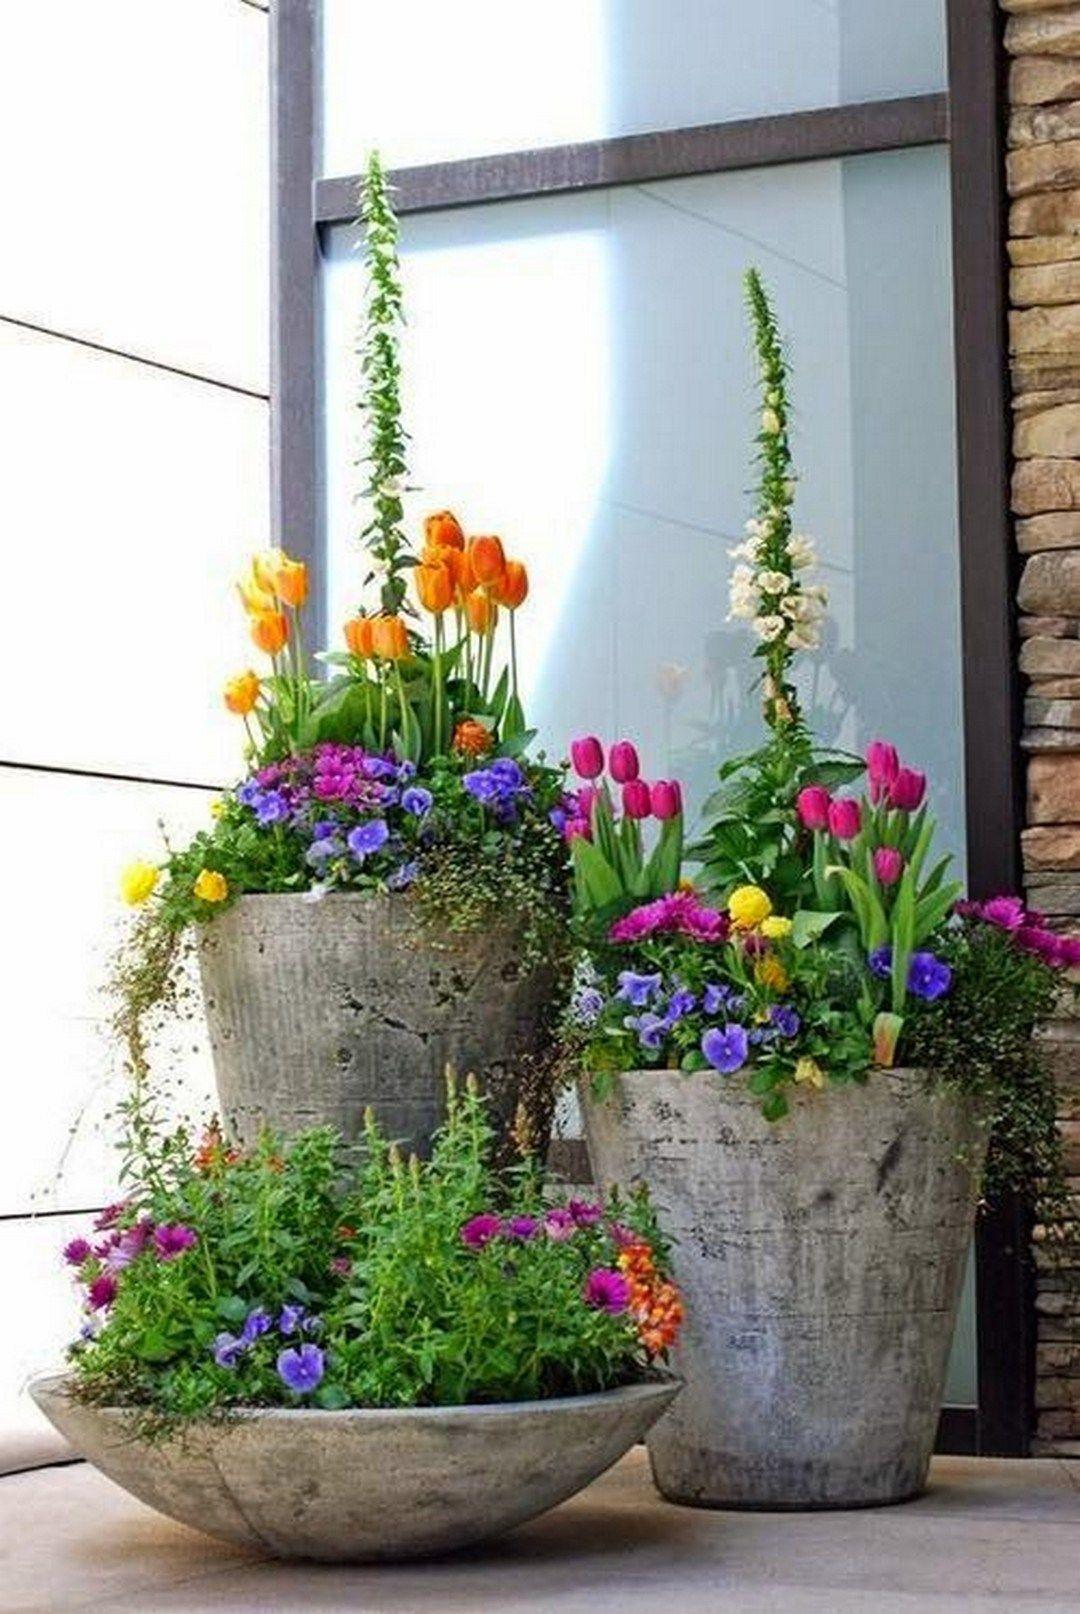 best diy cottage garden ideas from pinterest  37